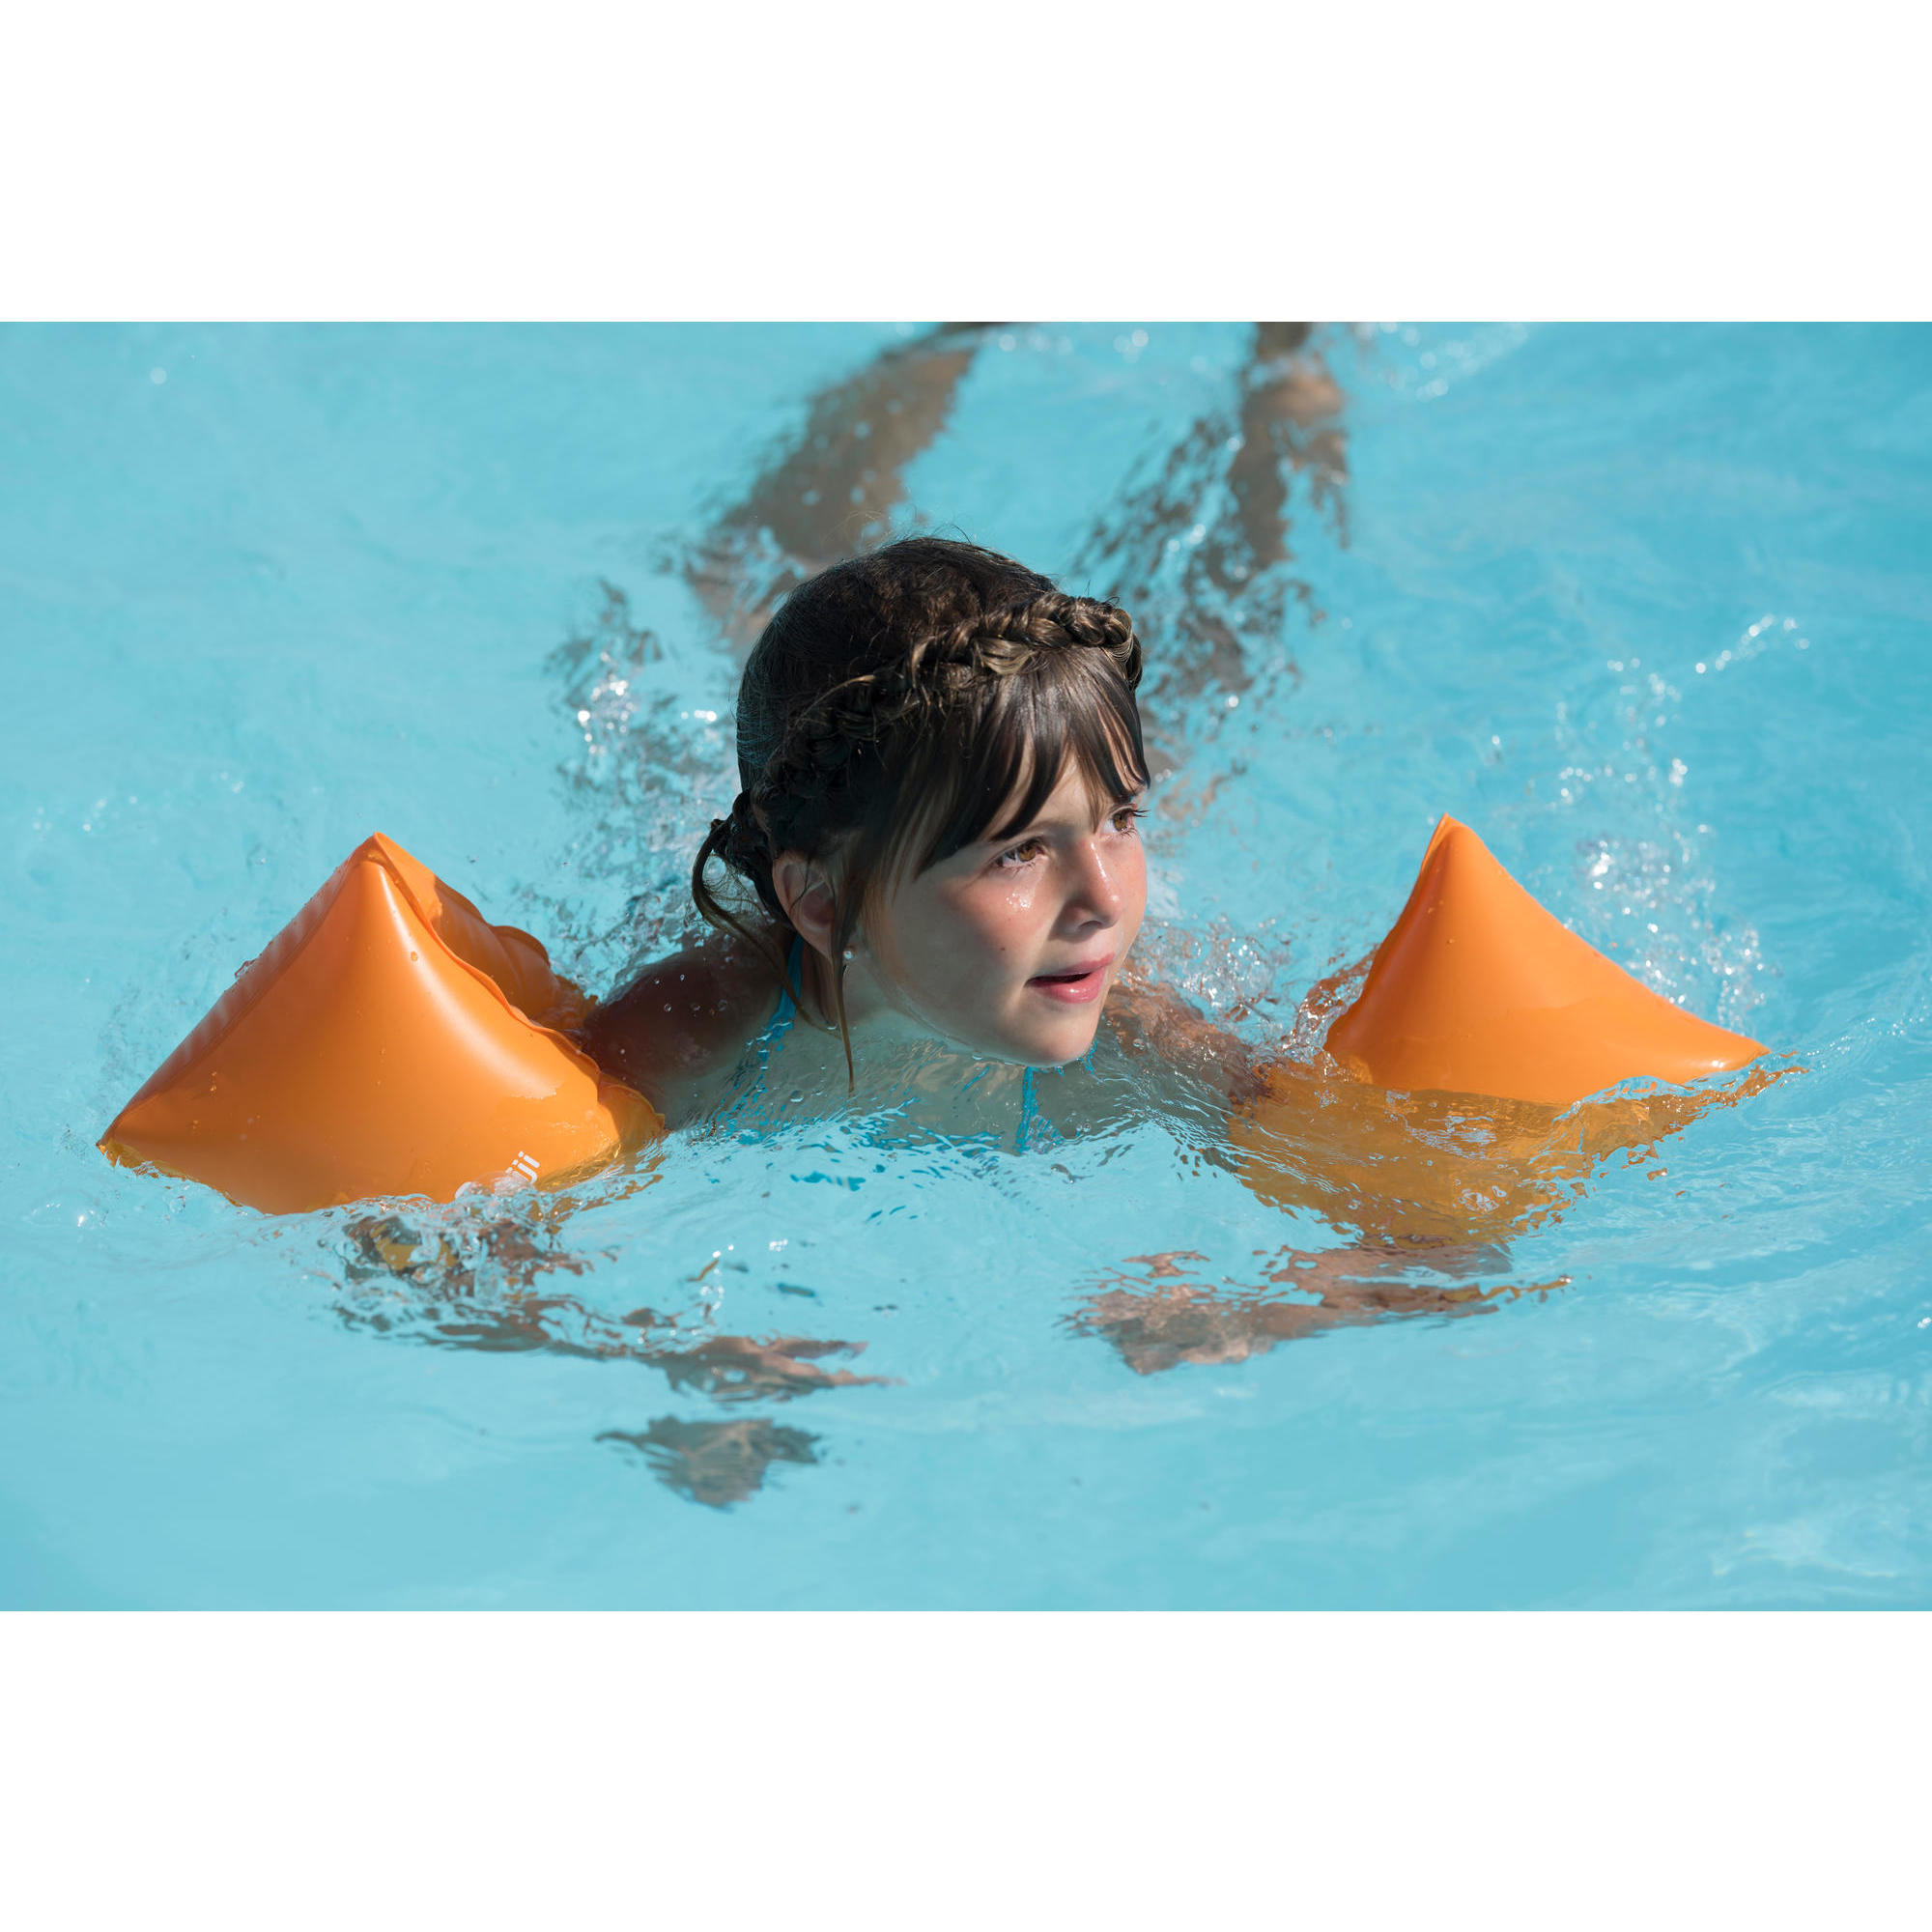 Spielzeug Offen Kinder Baby Schwimmflügel Schwimmhilfe Schwimmärmchen 0 Bis 1 Jahre 0-11 Kg Neu Schnelle Farbe Schwimmflügel